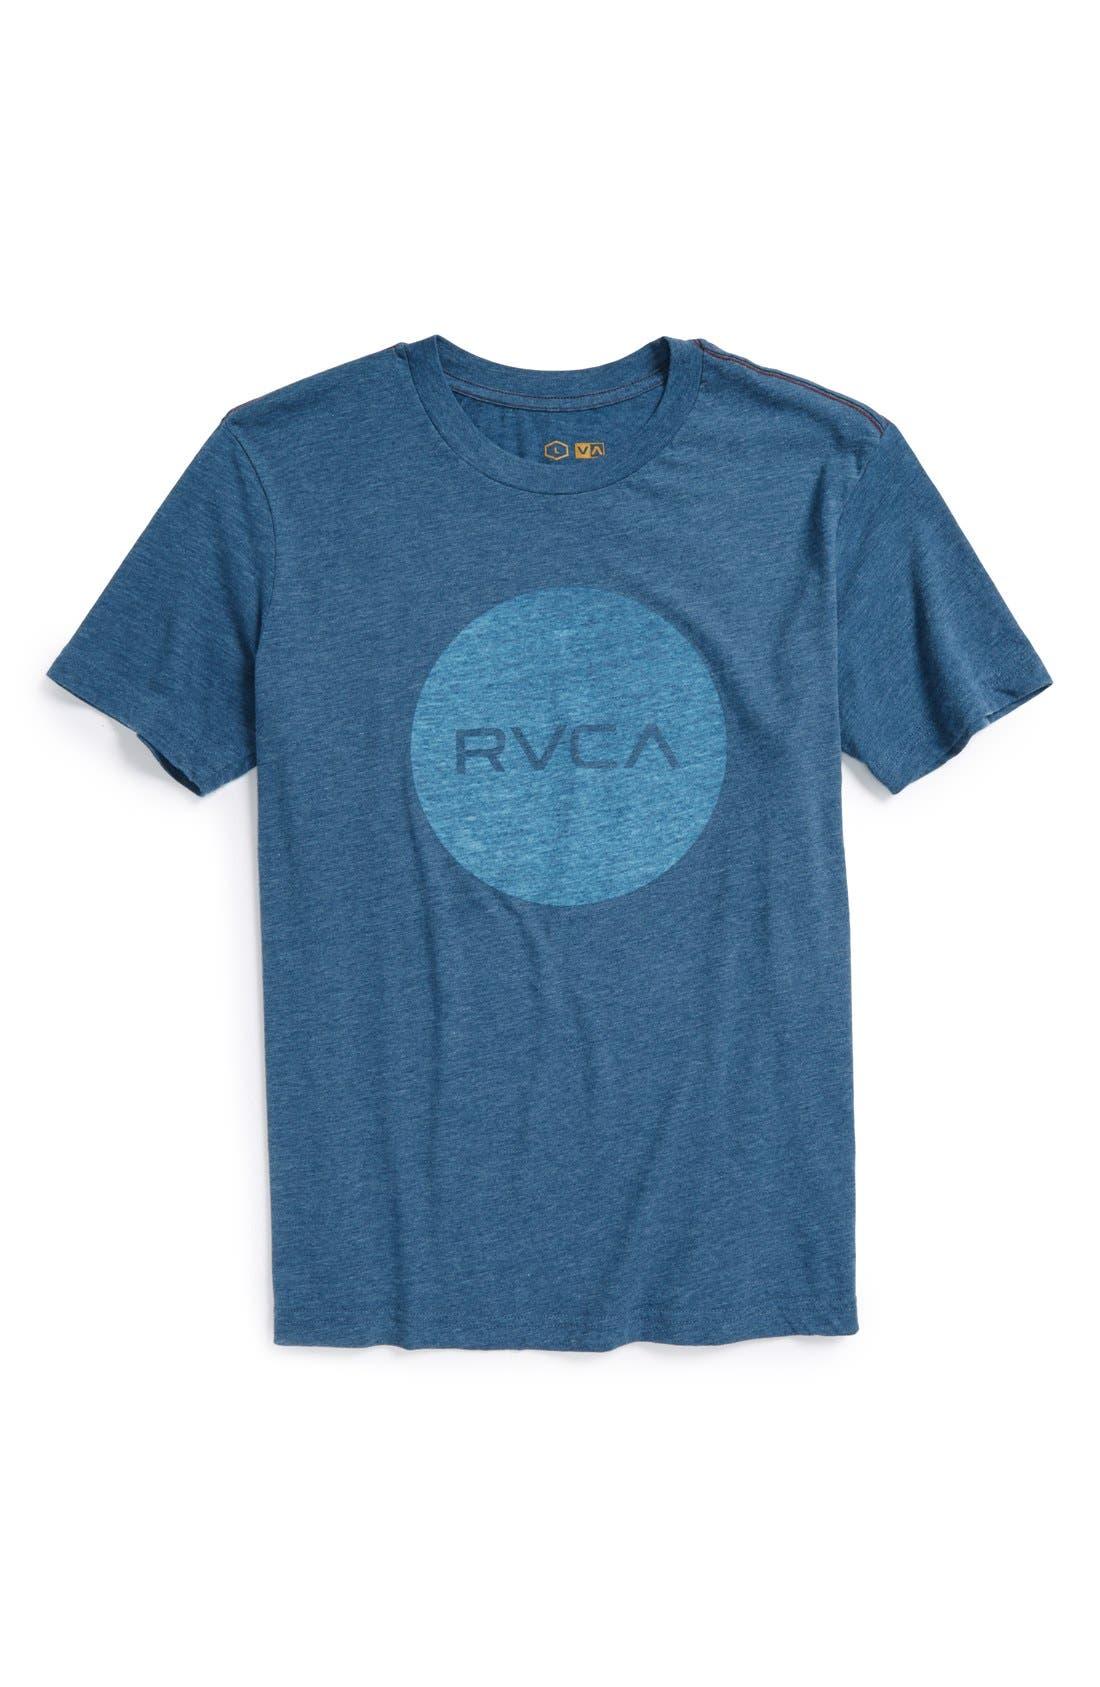 Alternate Image 1 Selected - RVCA 'Motors' Reverse Screenprint T-Shirt (Big Boys)